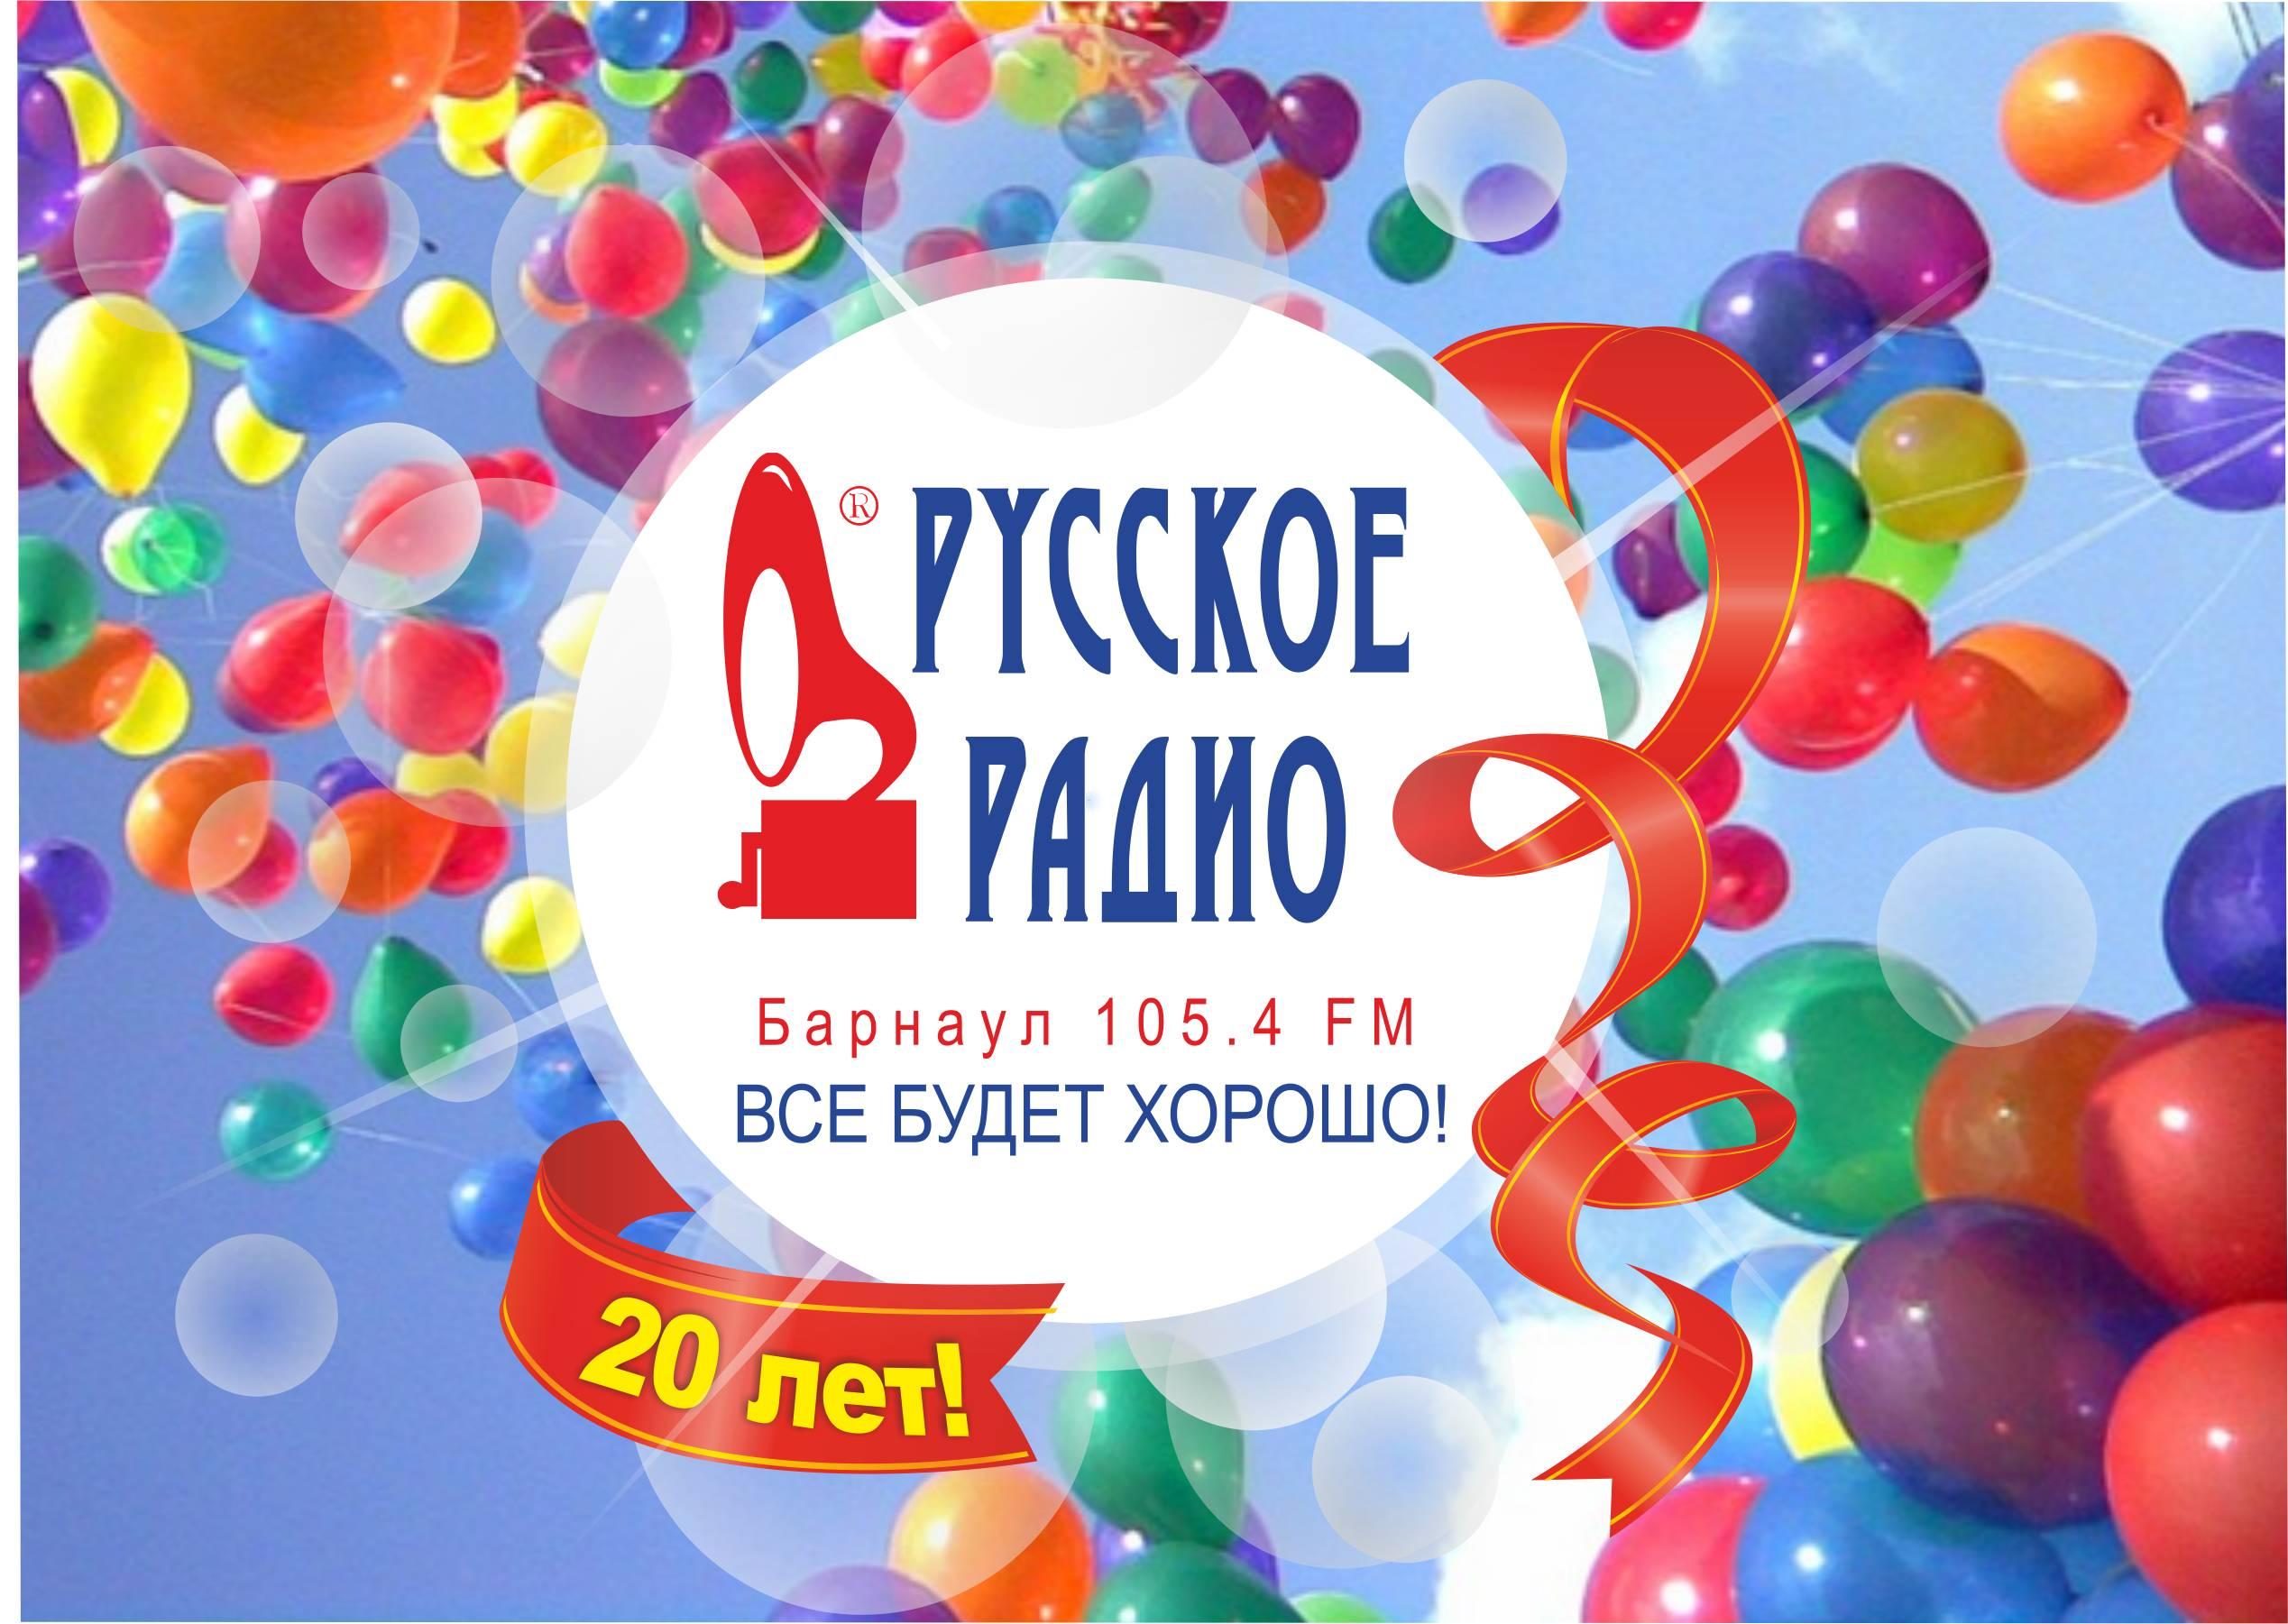 Конкурсы дня рождения радио